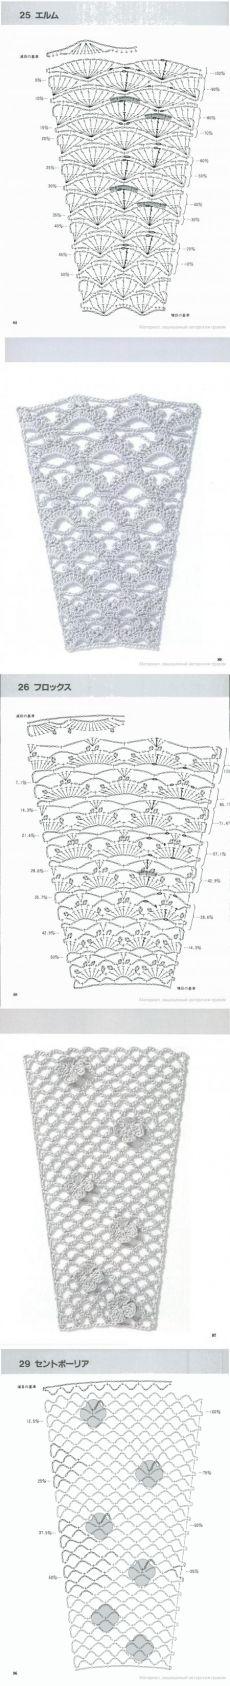 Tejer.  Los planes para la expansión de los patrones de la tela (gancho)